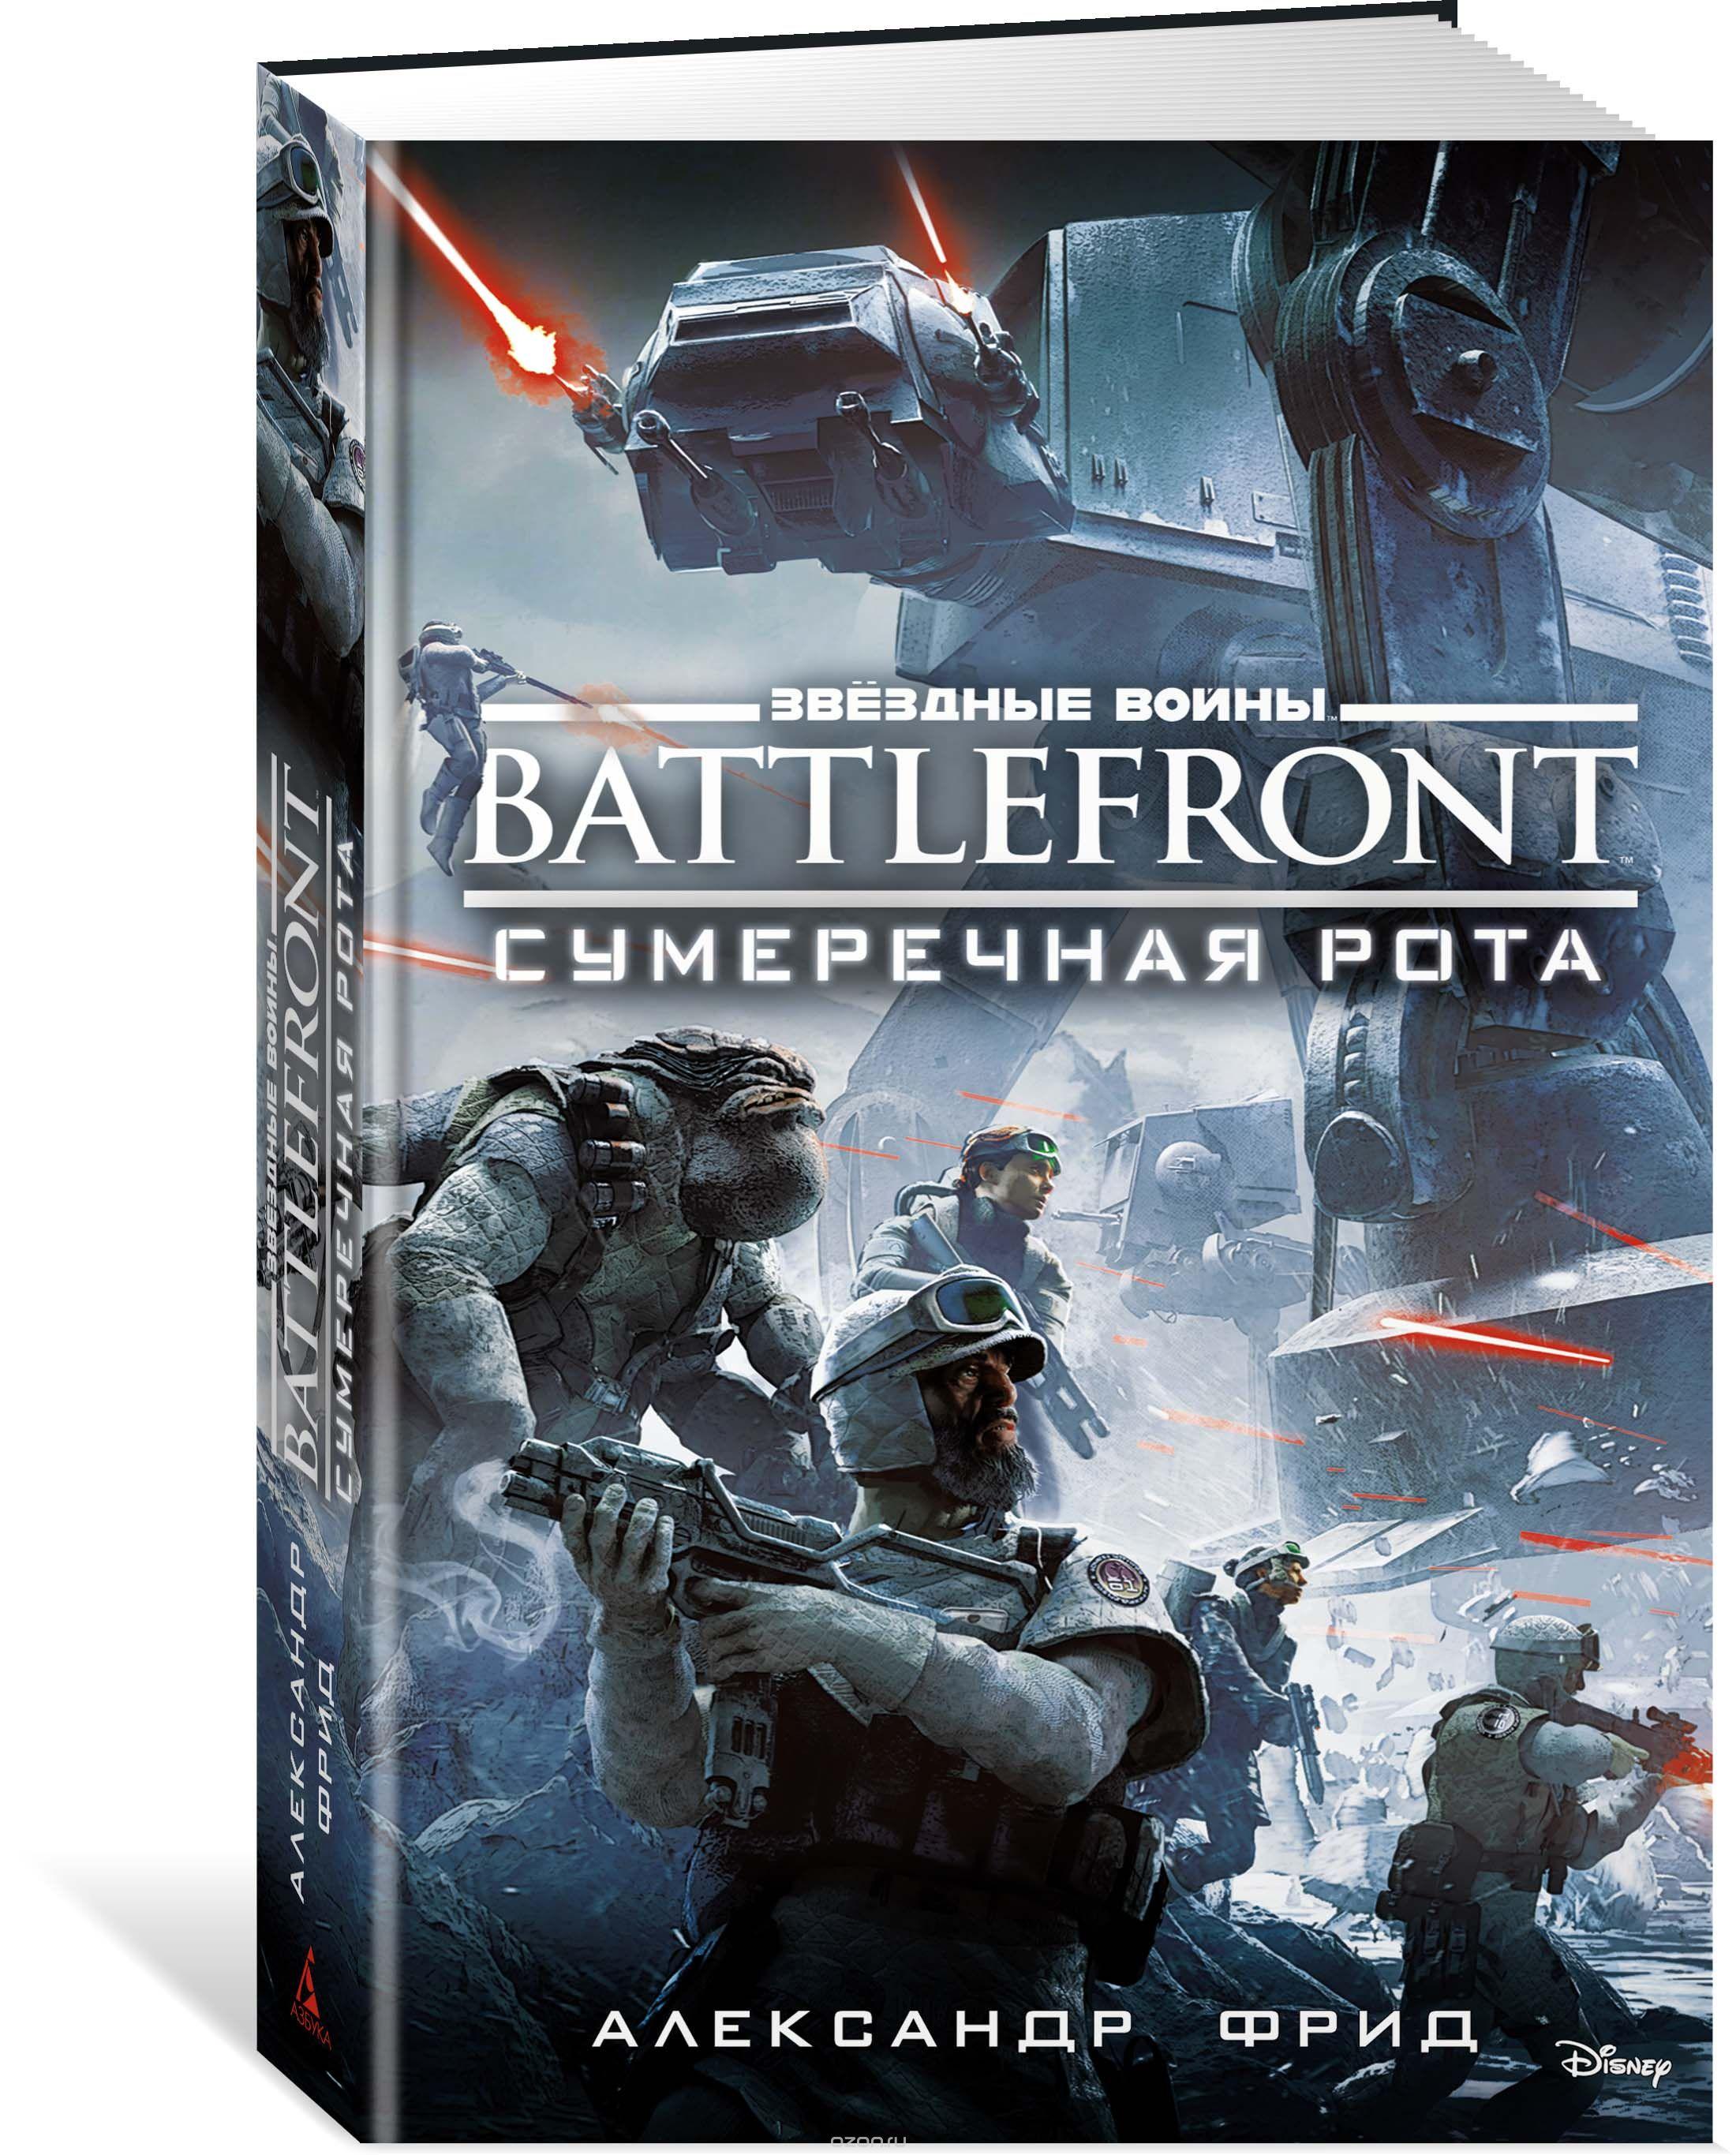 Книга на русском языке «Звёздные Войны. Battlefront. Сумеречная рота»